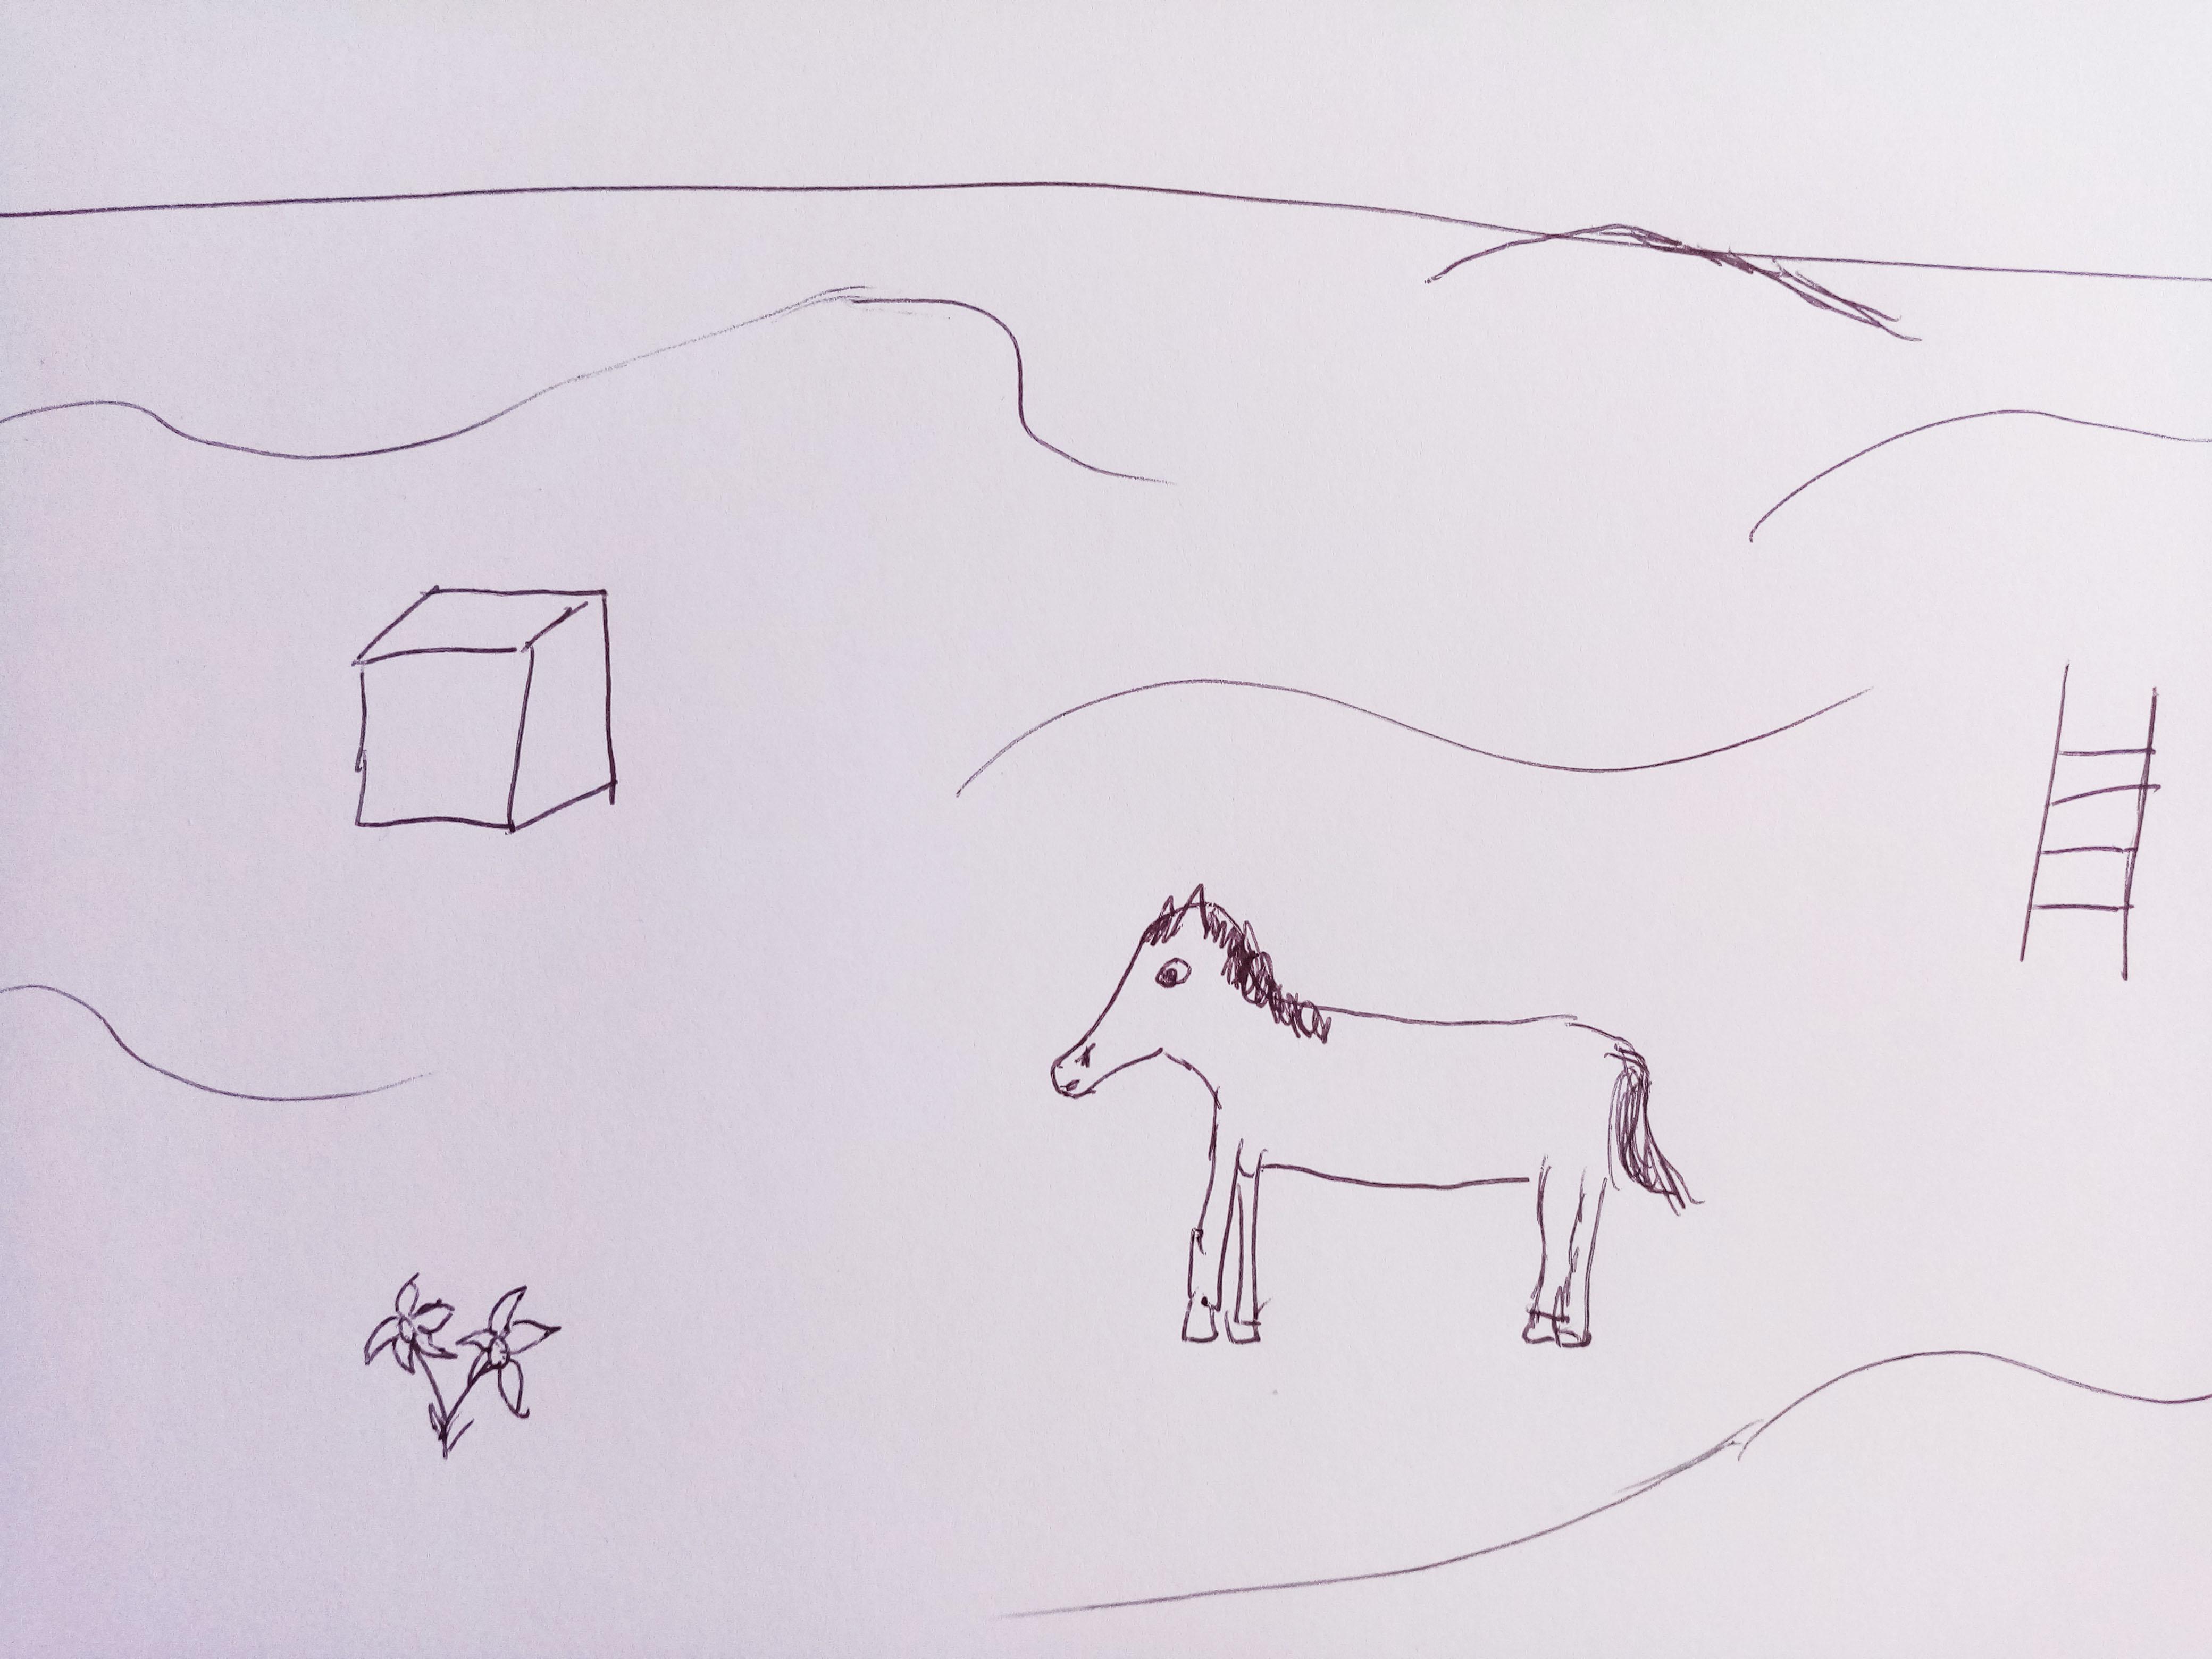 cube, cheval, échelle, fleurs et désert dessinés sur une feuille